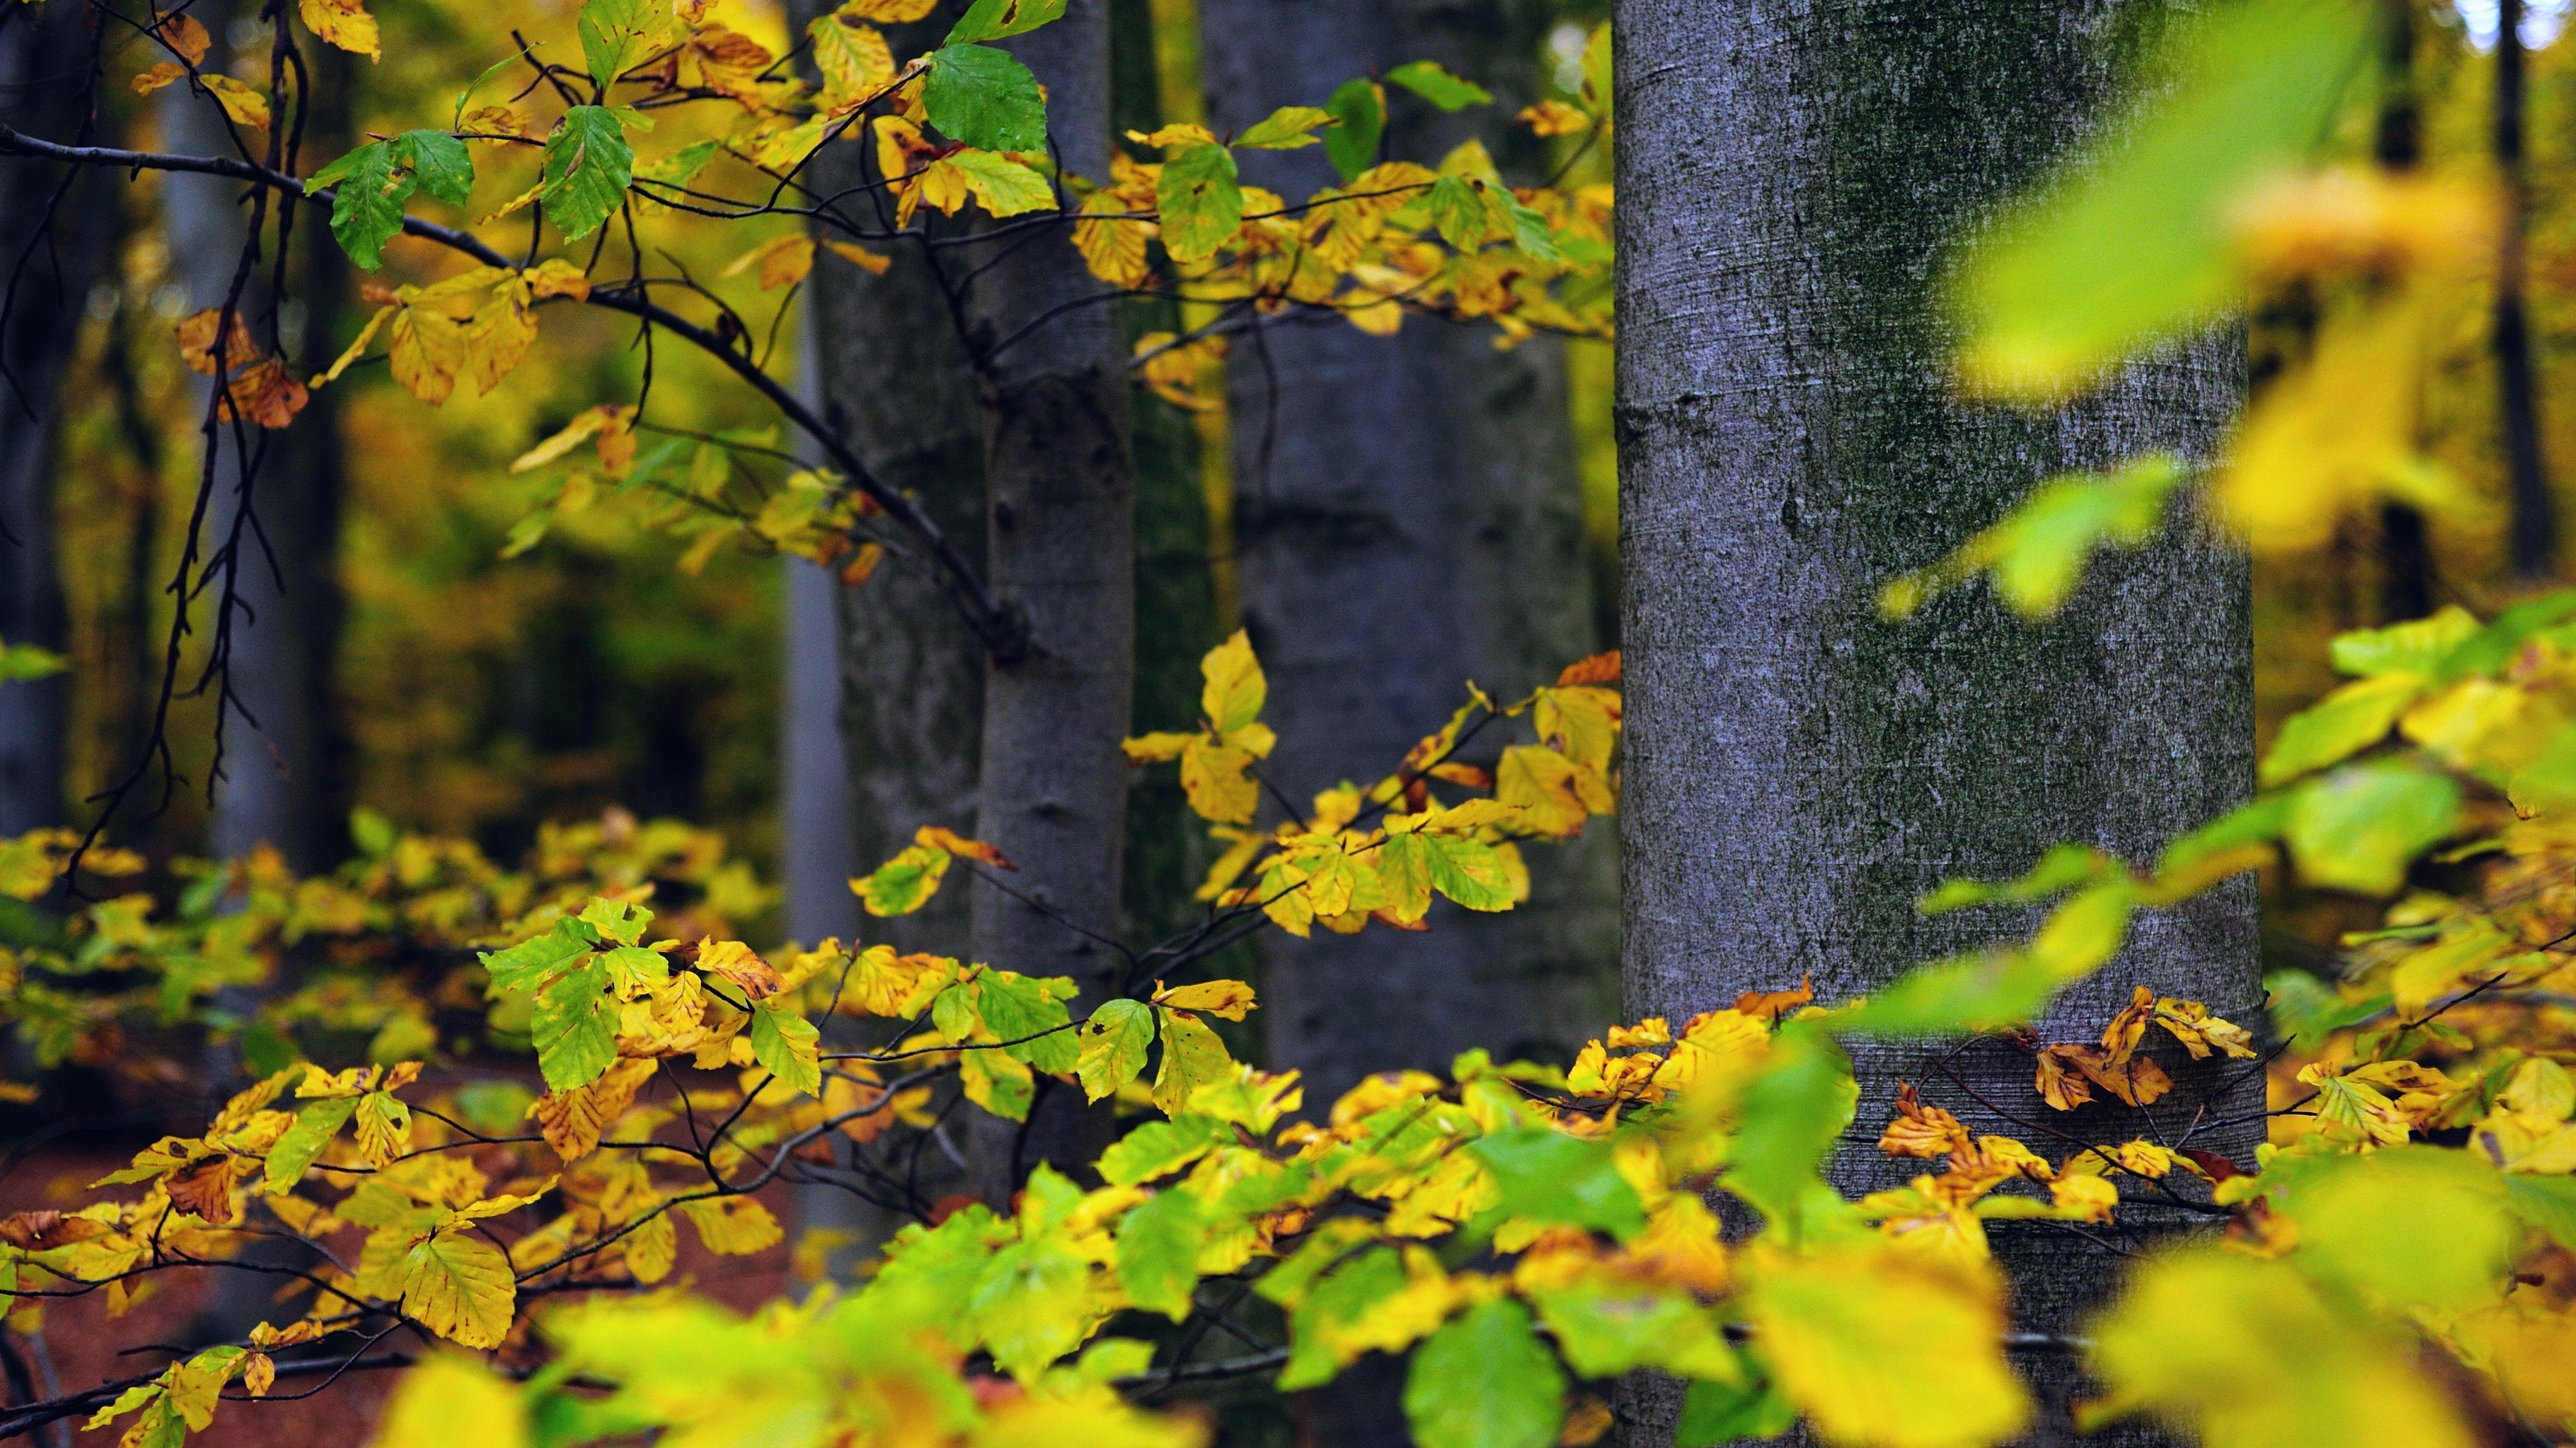 a27396f1f846ab Im September auf Rügen zeigt sich der Sommer noch einmal von seiner sanften  Seite: Goldenes Licht, zarter Nebel und anmutige Fäden von Spinnweben  läuten den ...